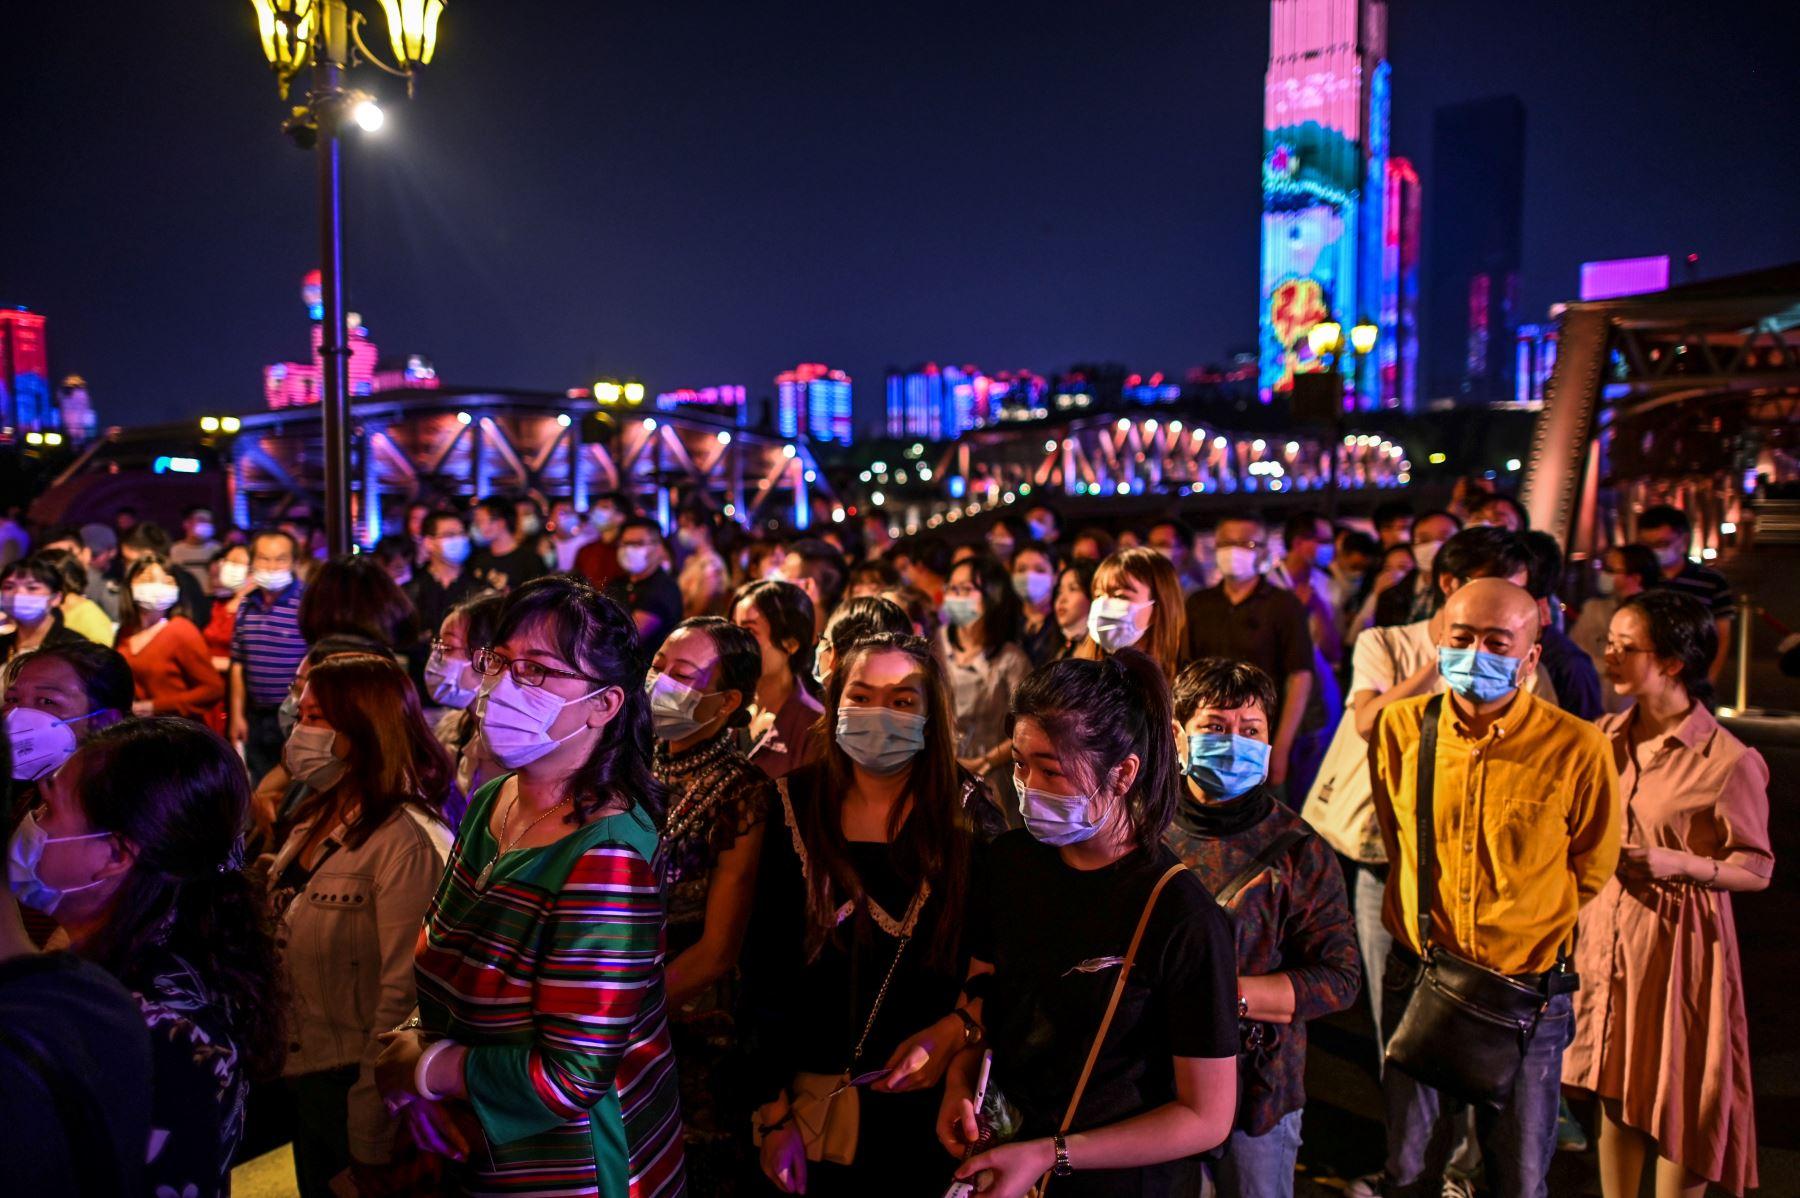 La vida nocturna estalla en el Wuhan post-covid |